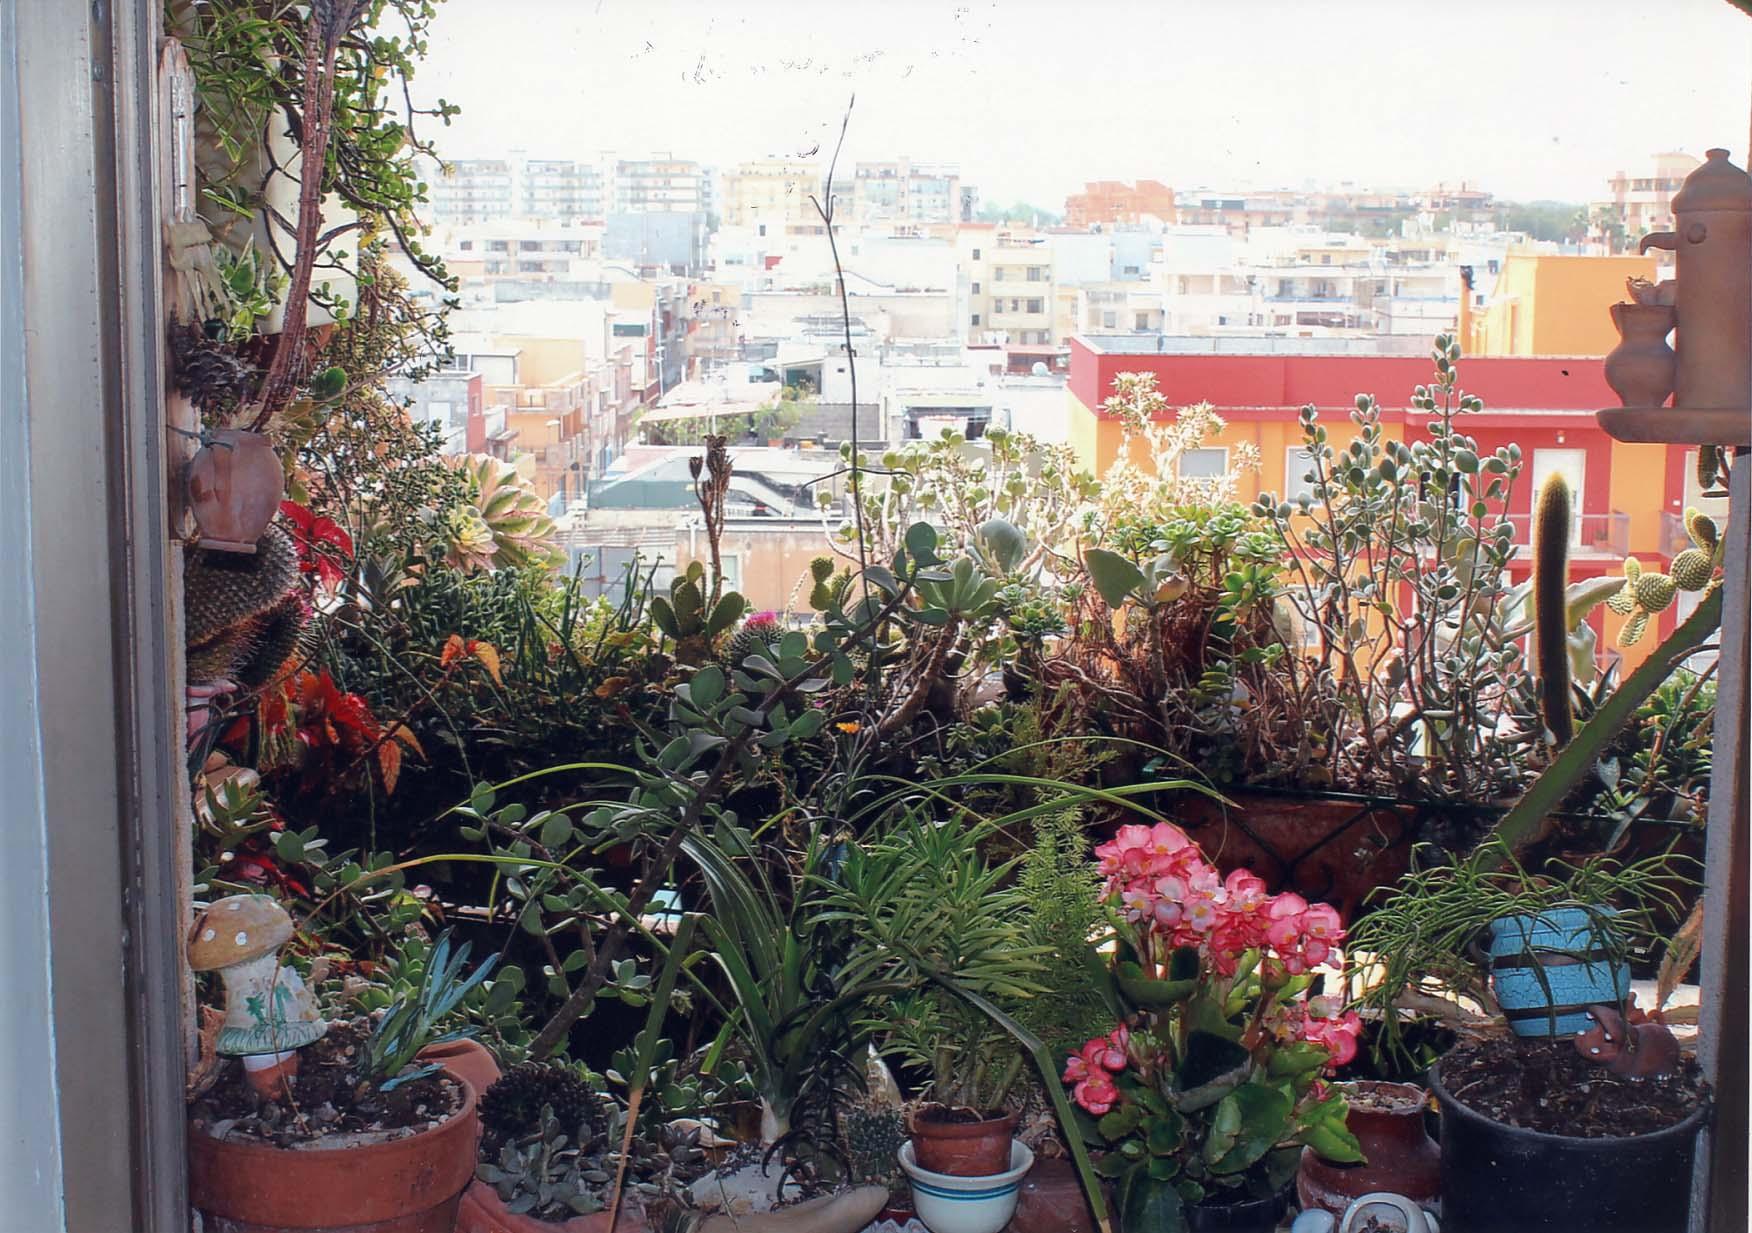 Arredo Balconi E Terrazze balconi e terrazze in fiore: ecco i vincitori del concorso